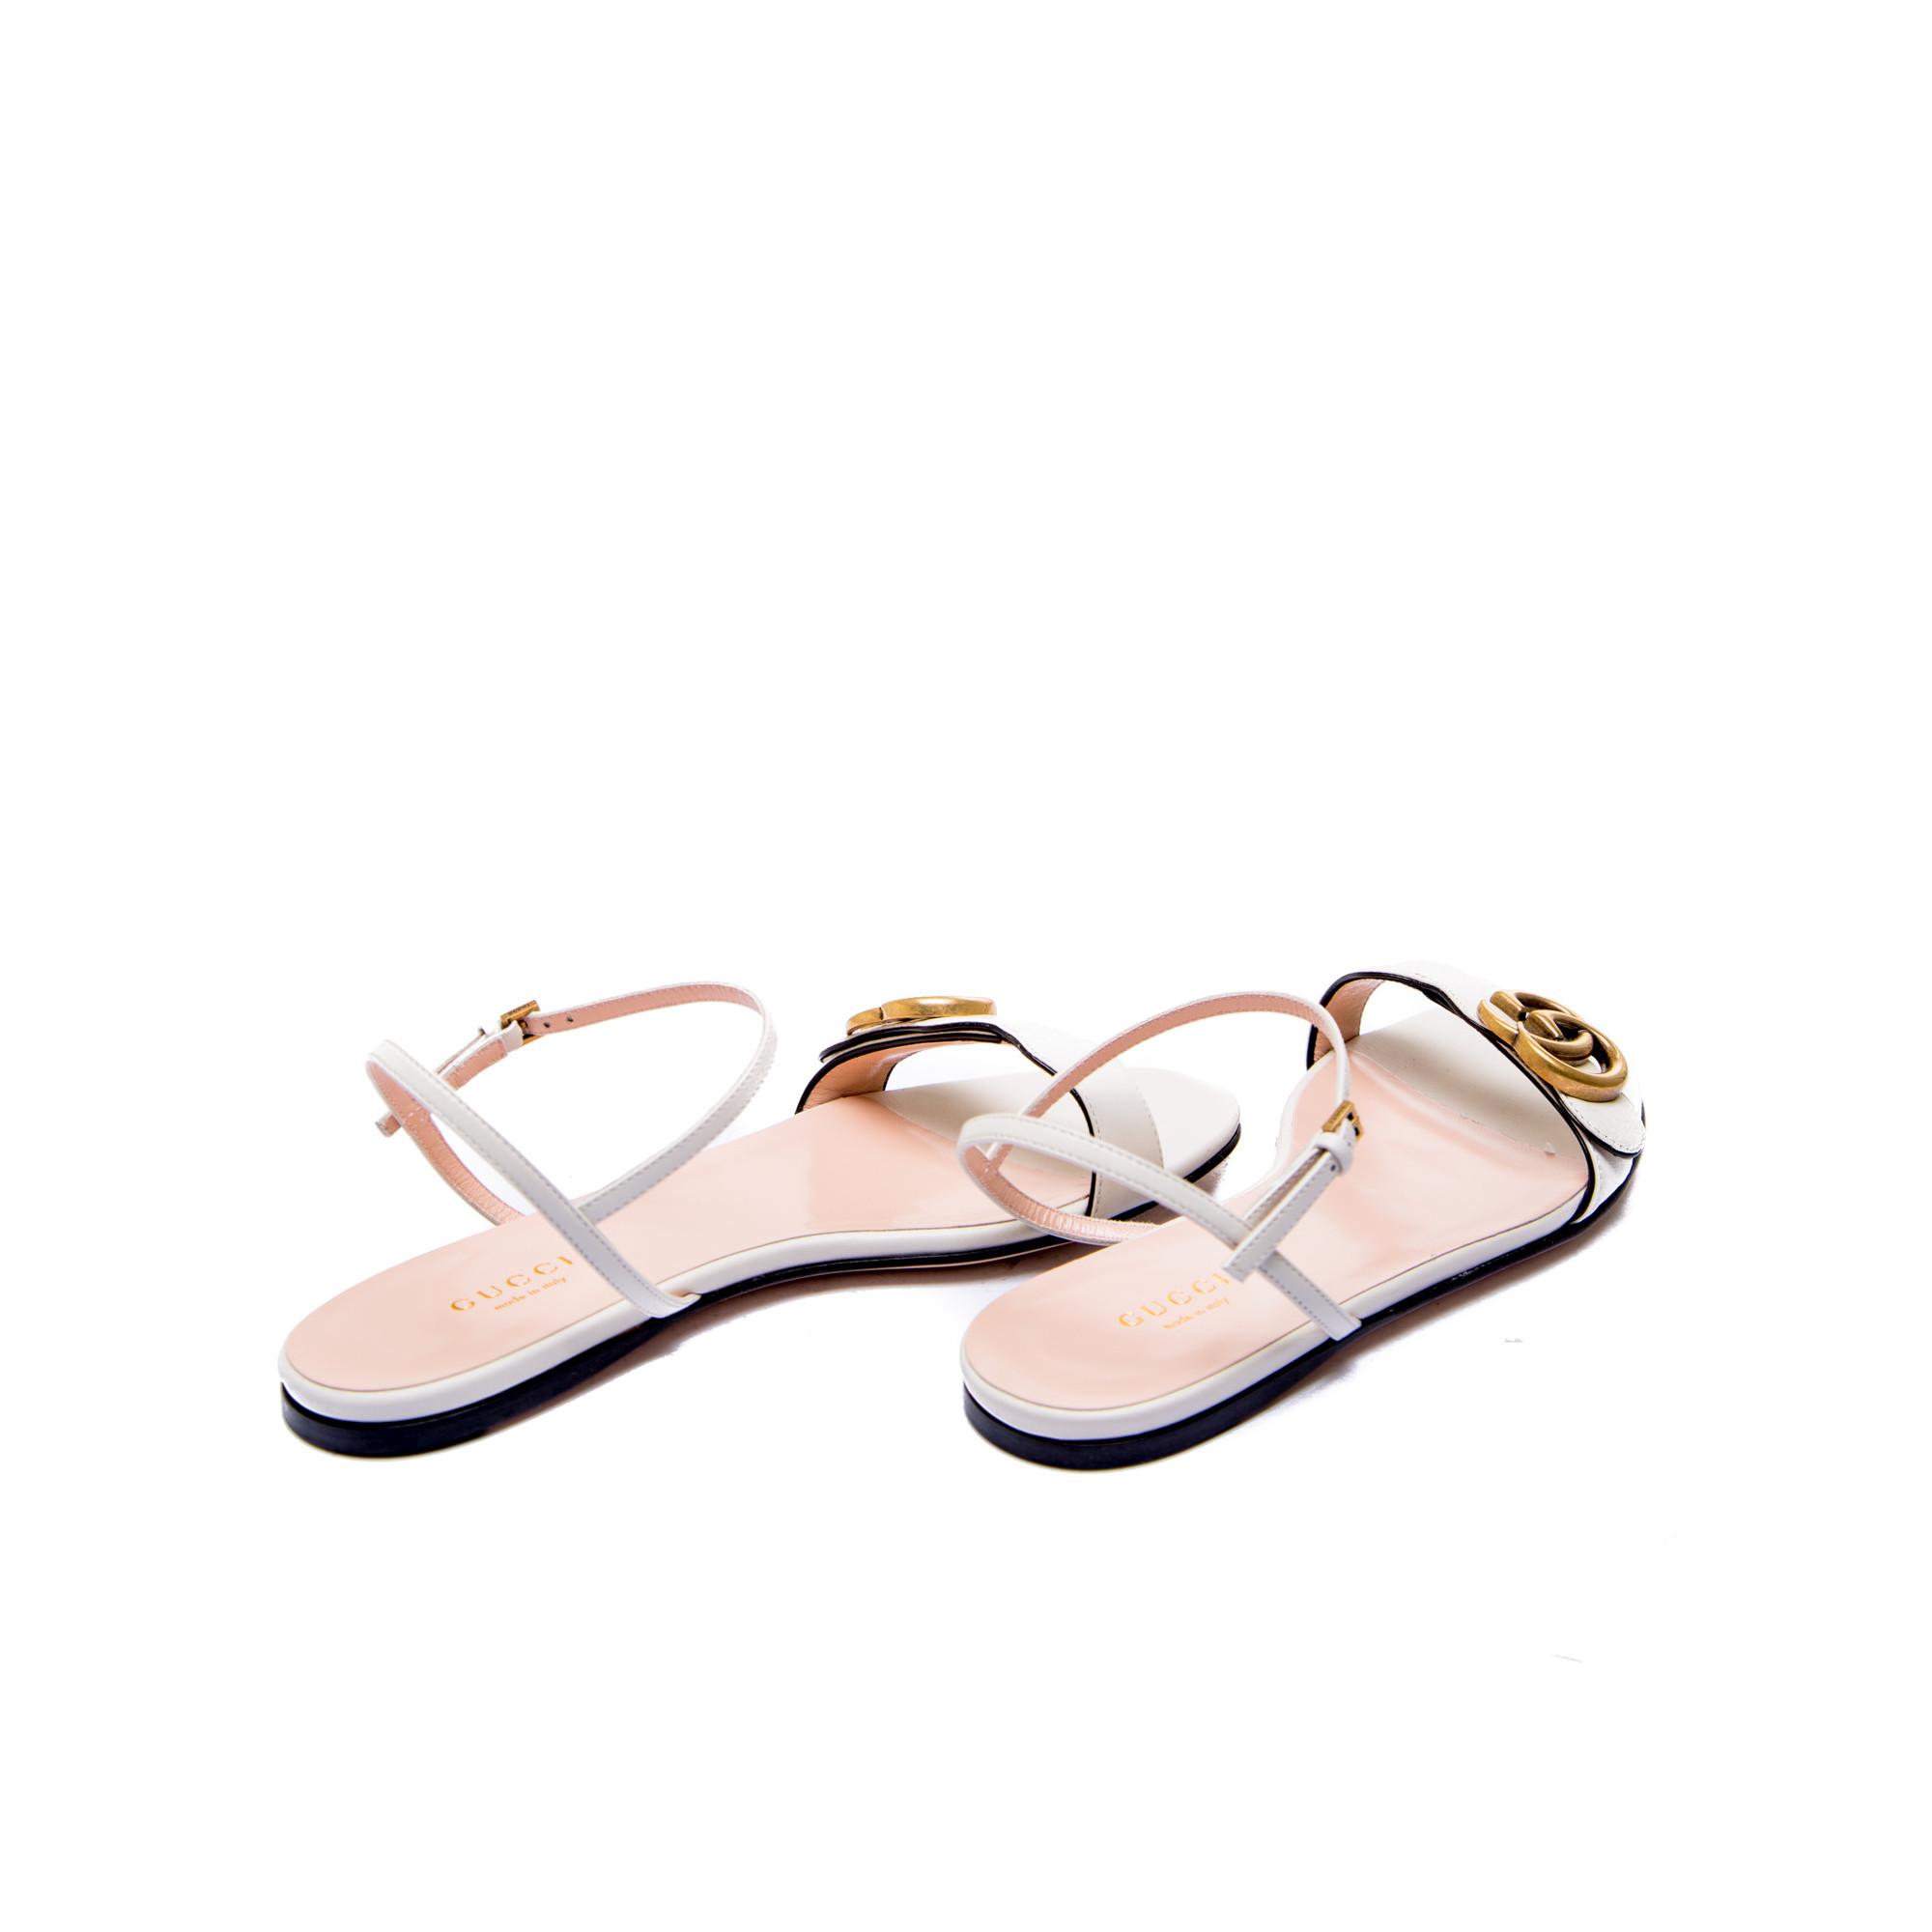 ea319339d ... Gucci sandals lifford wit ...